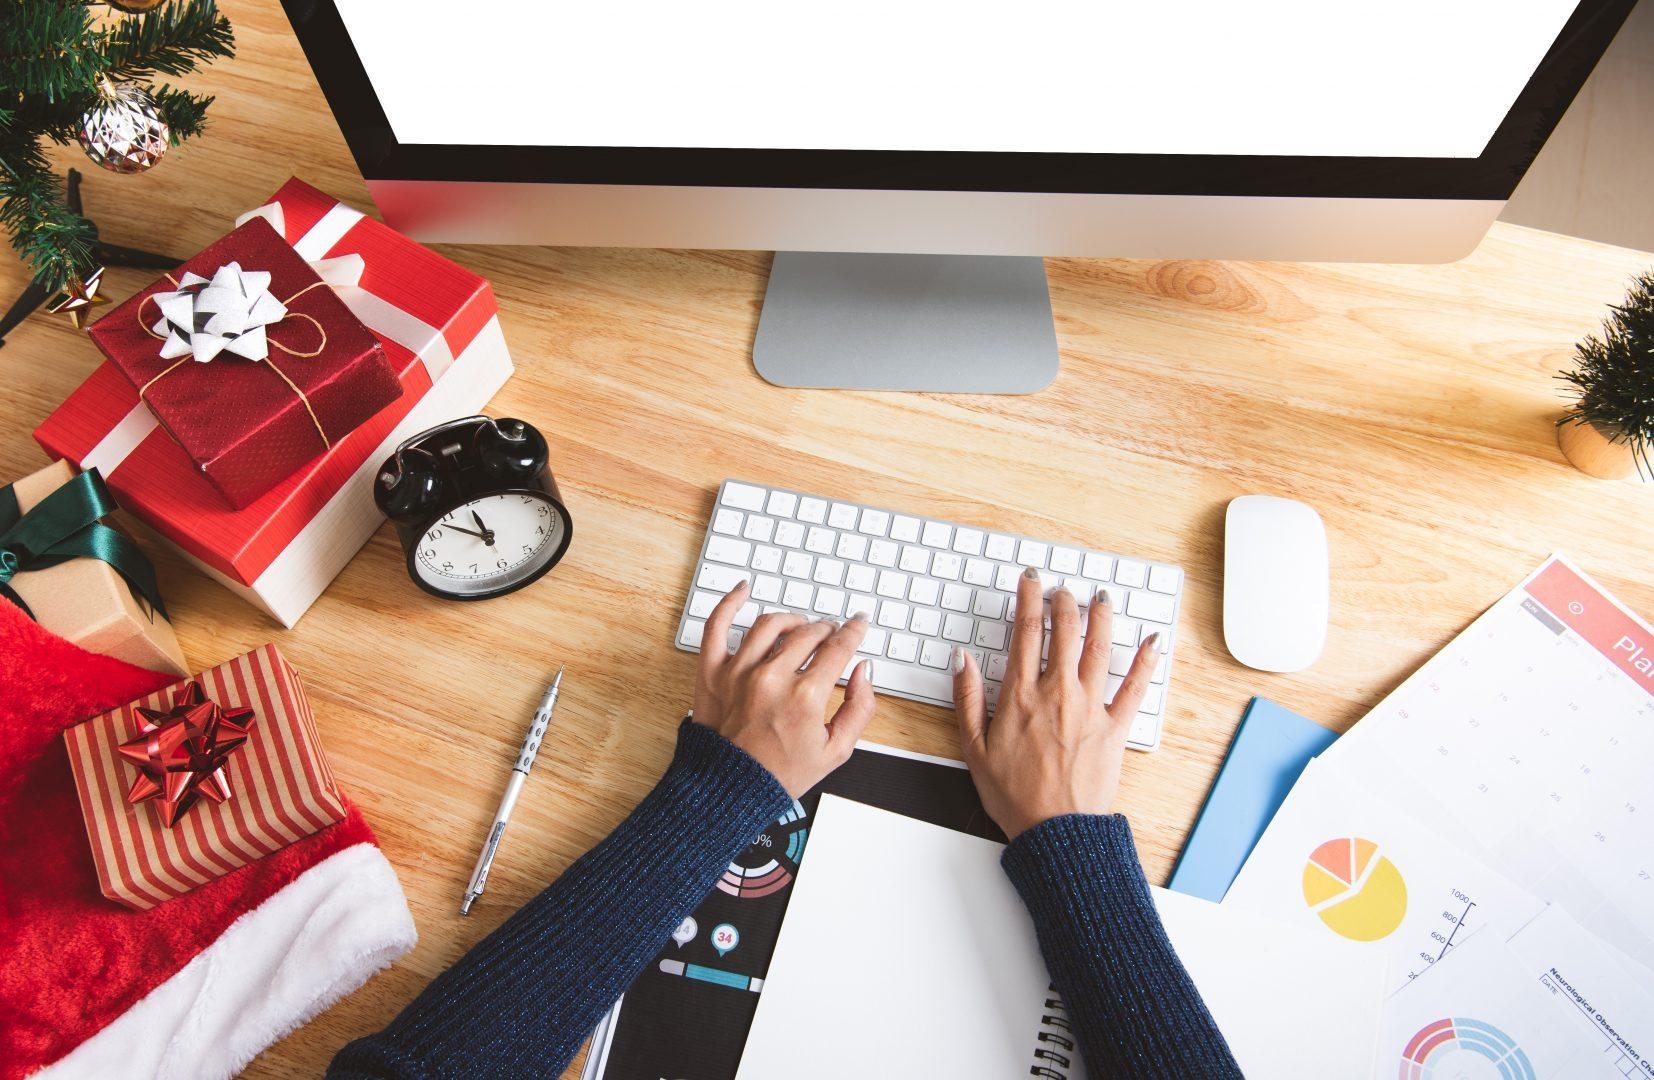 Praca w święta – kto musi pracować w Boże Narodzenie i czy może oczekiwać rekompensaty?